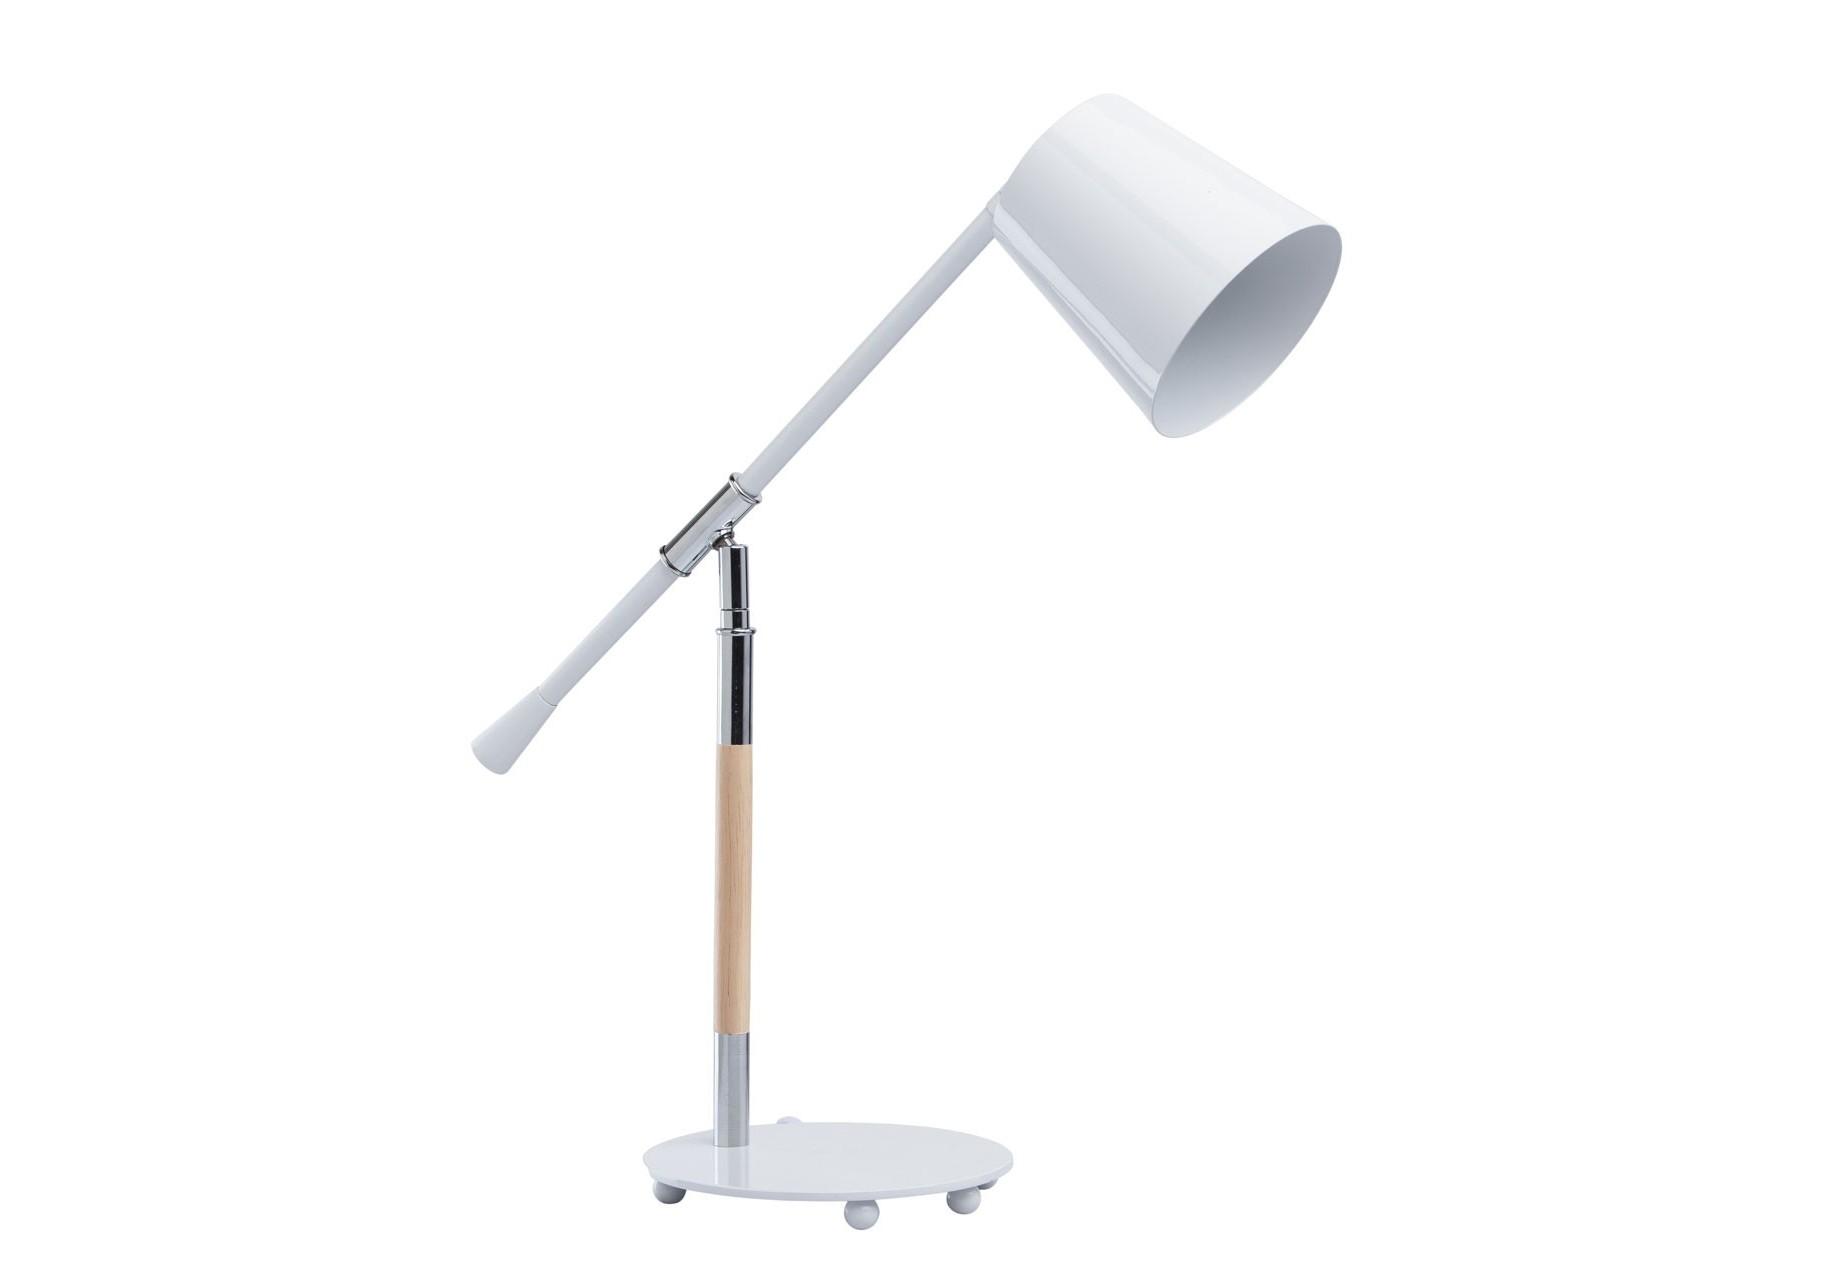 Настольная лампа АкцентНастольные лампы<br>Цоколь: E14,&amp;amp;nbsp;&amp;lt;div&amp;gt;Мощность лампы: 40W,&amp;amp;nbsp;&amp;lt;/div&amp;gt;&amp;lt;div&amp;gt;Количество ламп: 1&amp;amp;nbsp;&amp;lt;/div&amp;gt;&amp;lt;div&amp;gt;Без лампочек в комплекте.&amp;lt;/div&amp;gt;<br><br>Material: Металл<br>Width см: 60<br>Depth см: 19<br>Height см: 62